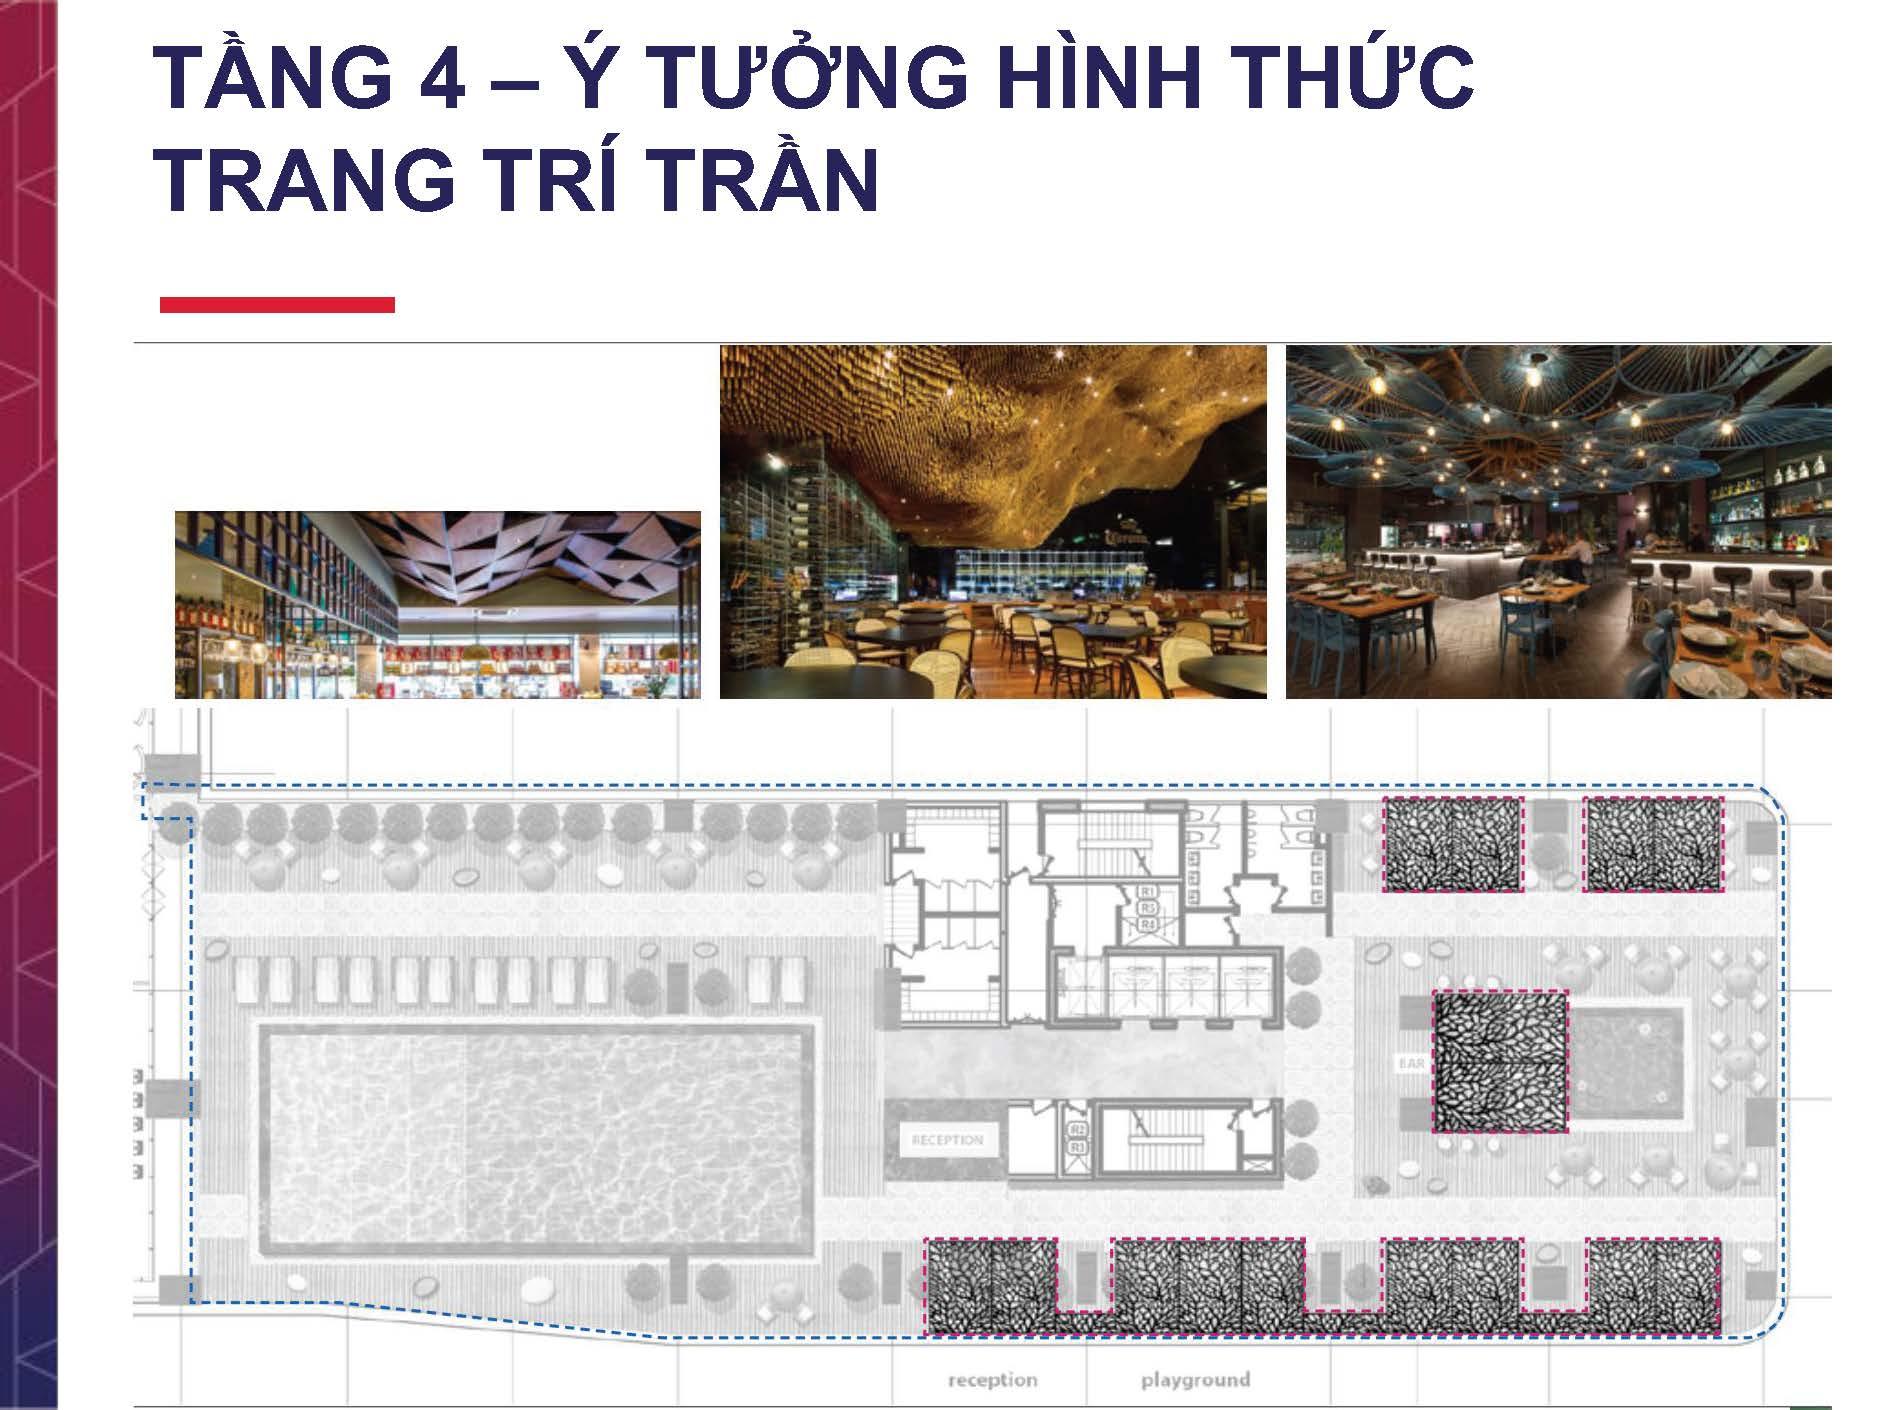 Codotel Kim Long Season Phạm Văn Đồng - Mặt bằng tổng thể